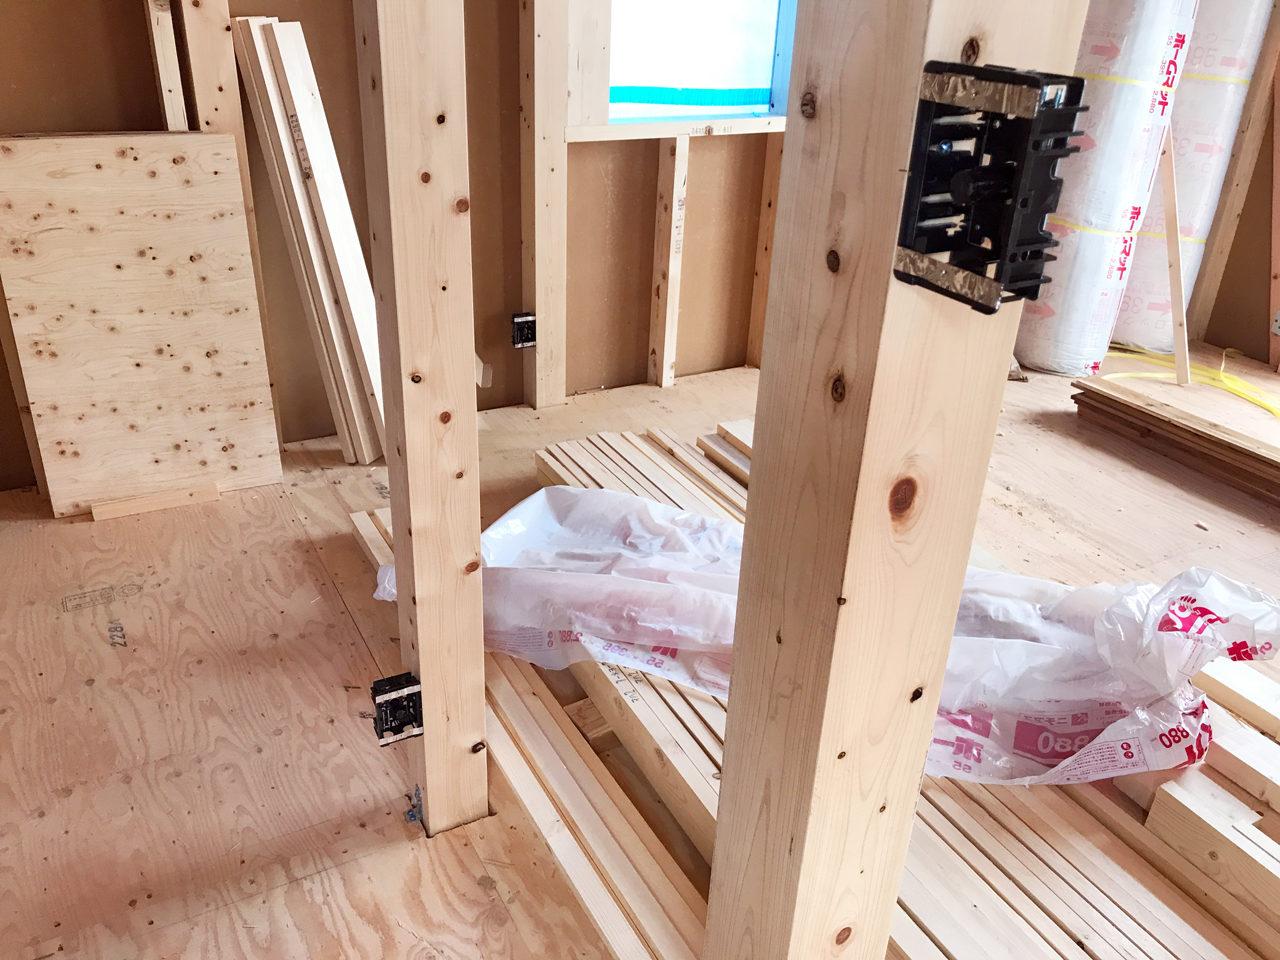 市街化調整区域の建て替え新築設計・デザインをしている住宅のコンセントボックス